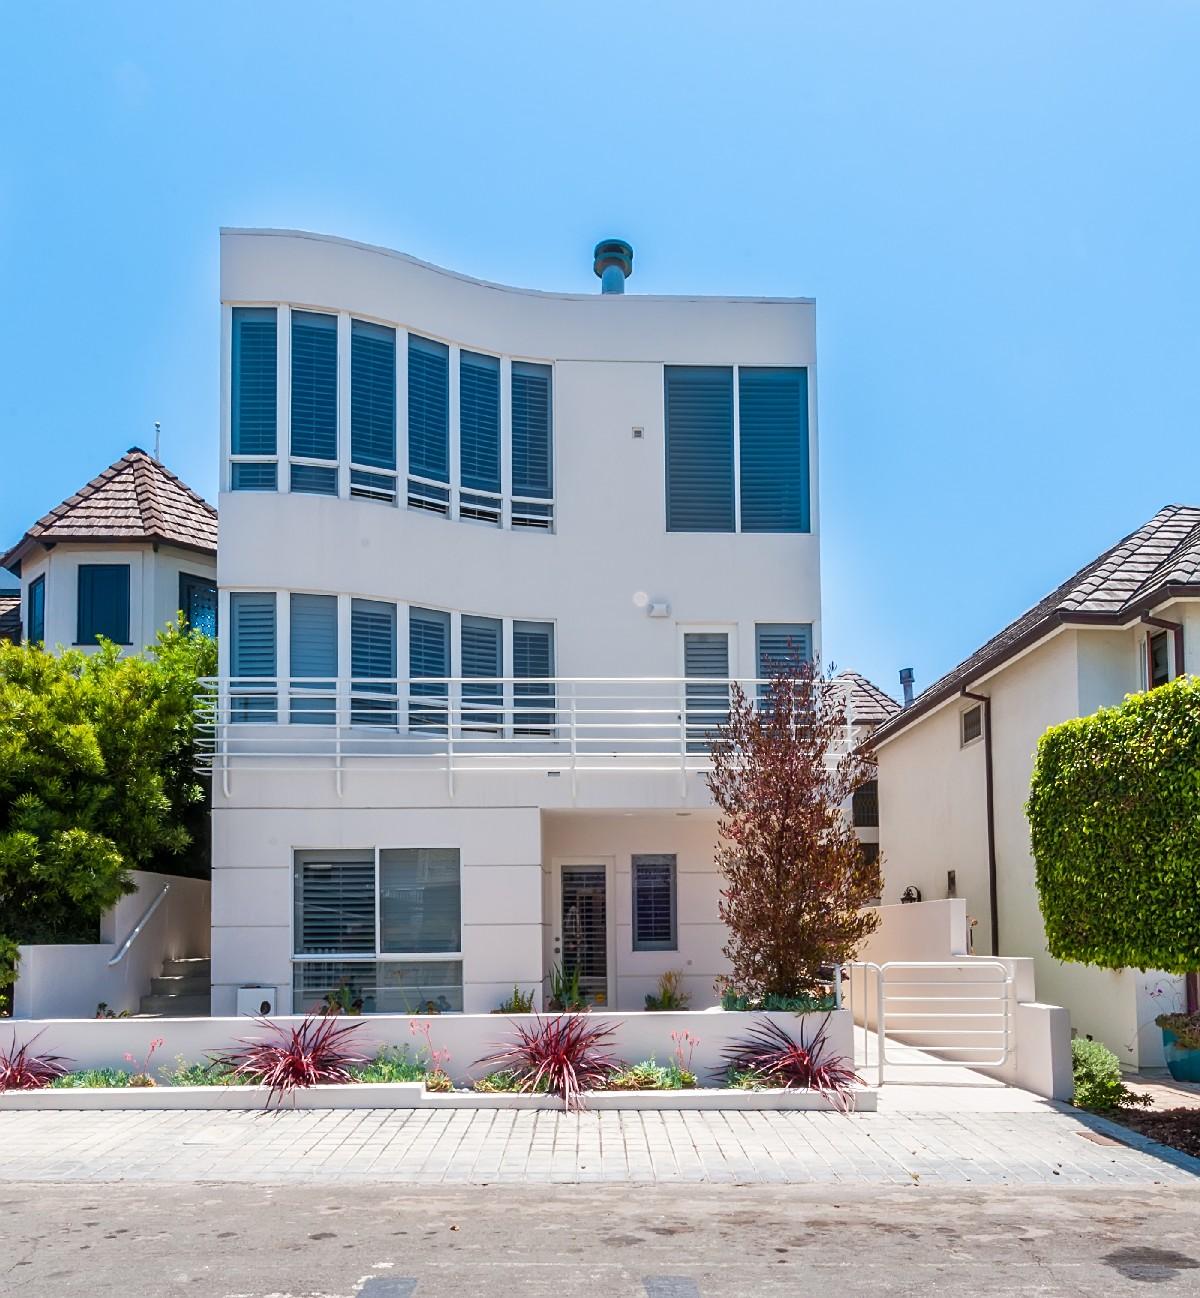 Single Family Home for Sale at 452 27th St, Manhattan Beach 90266 452 27th Street Manhattan Beach, California, 90266 United States